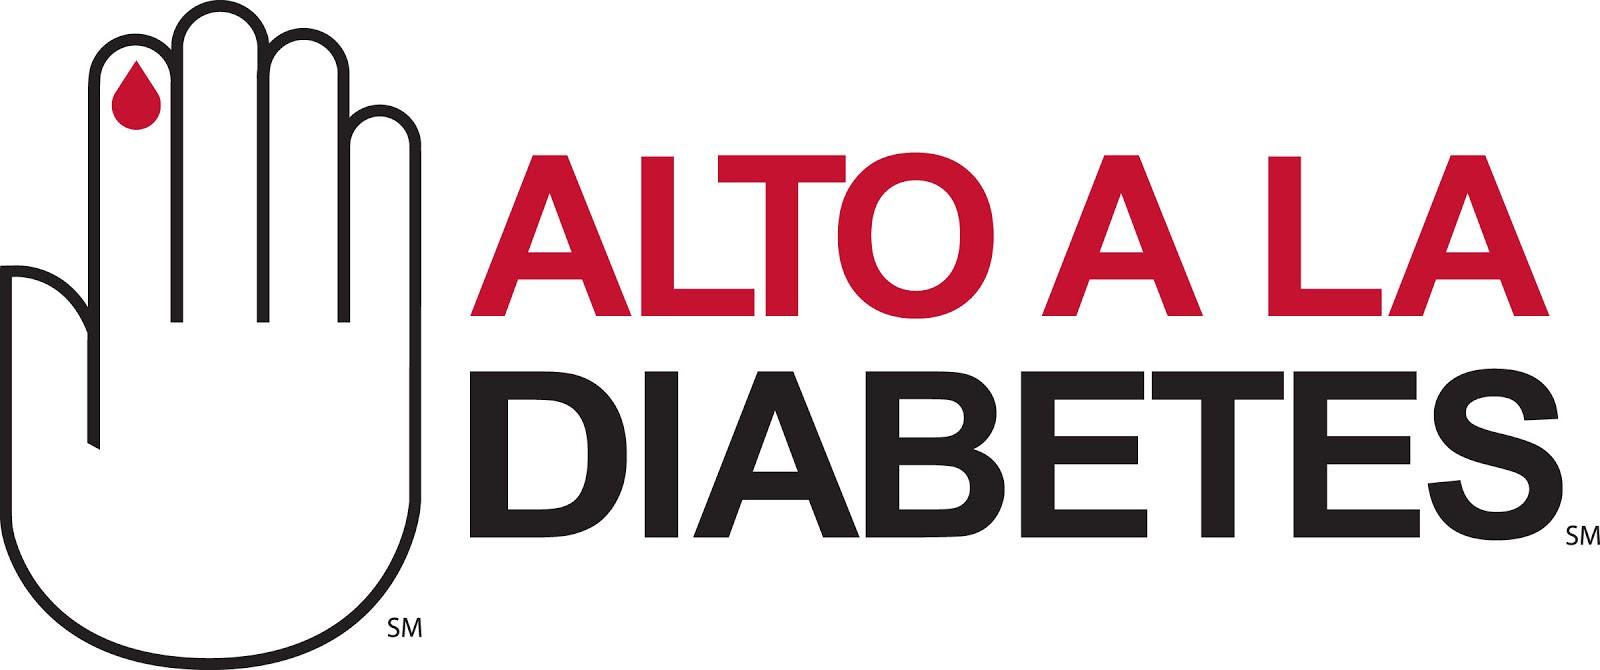 reunión anual de ada pautas de diabetes 2020